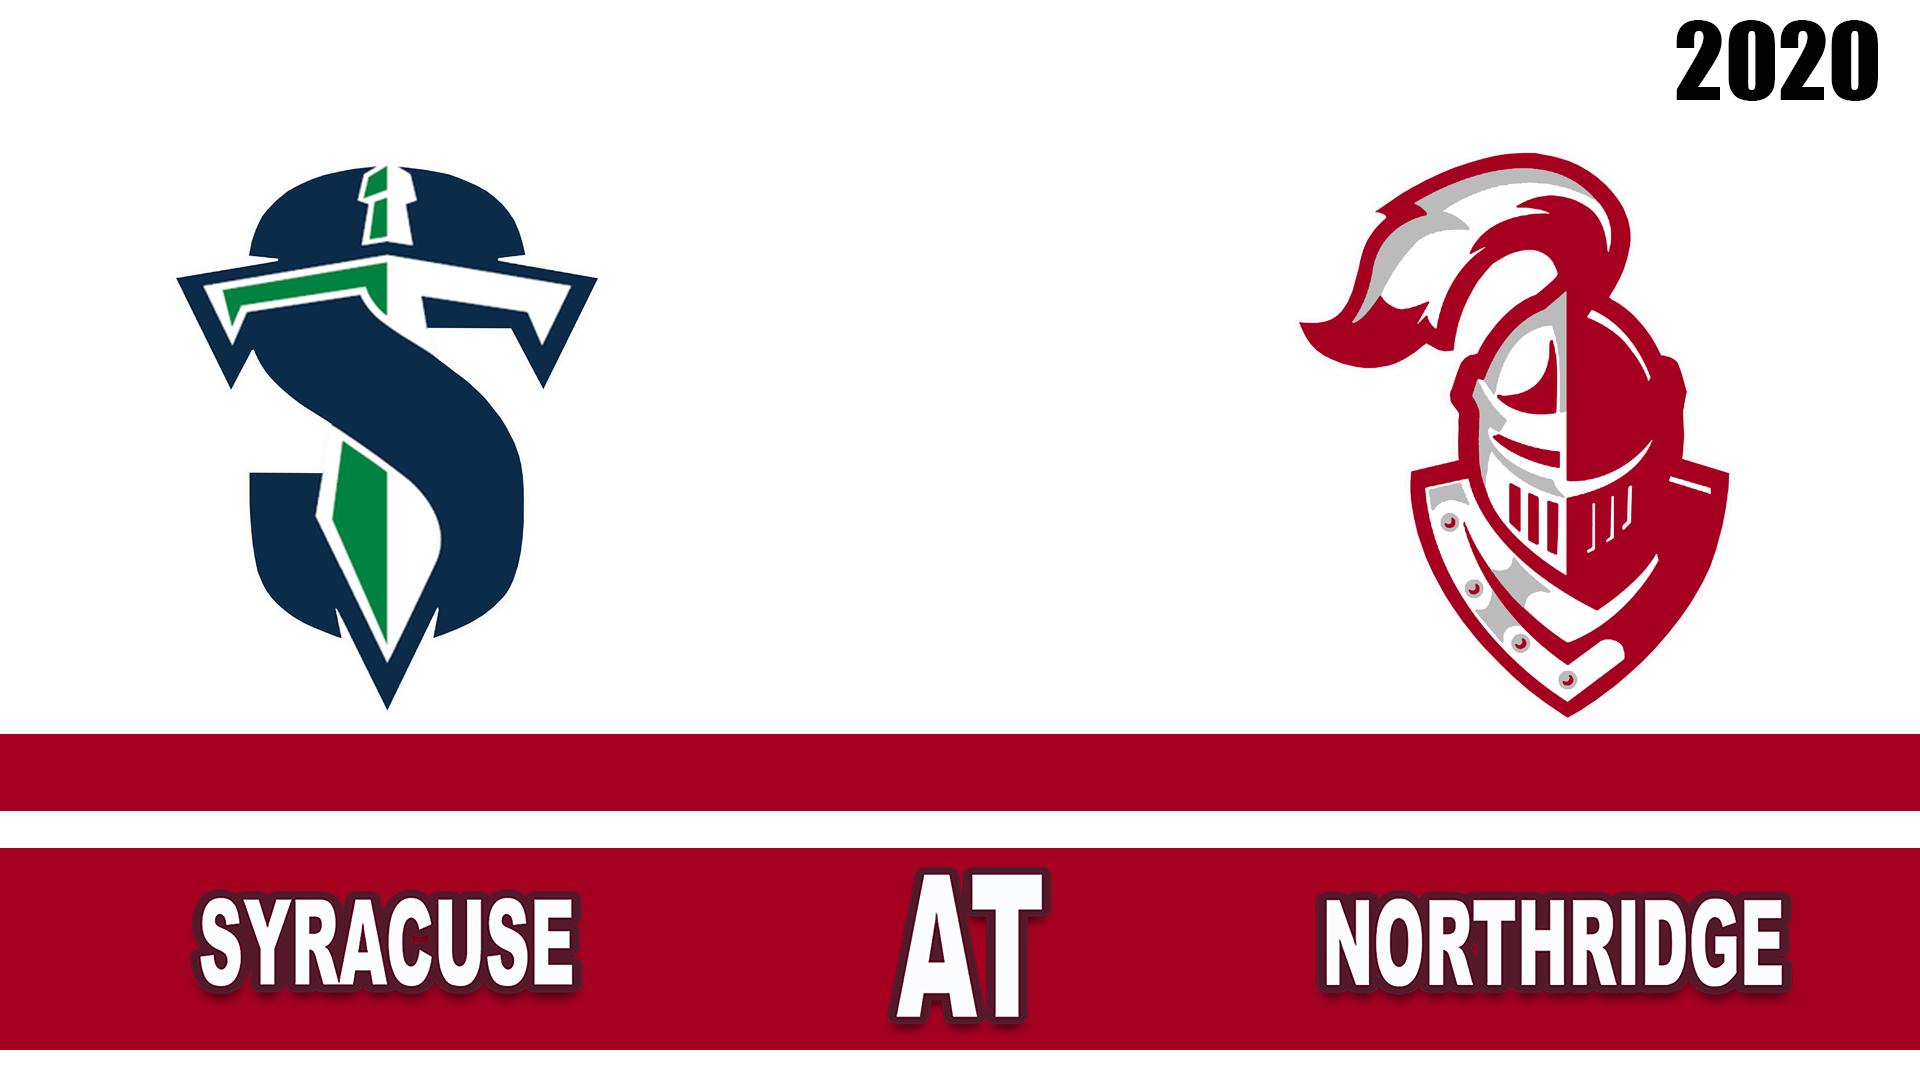 Syracuse at Northridge